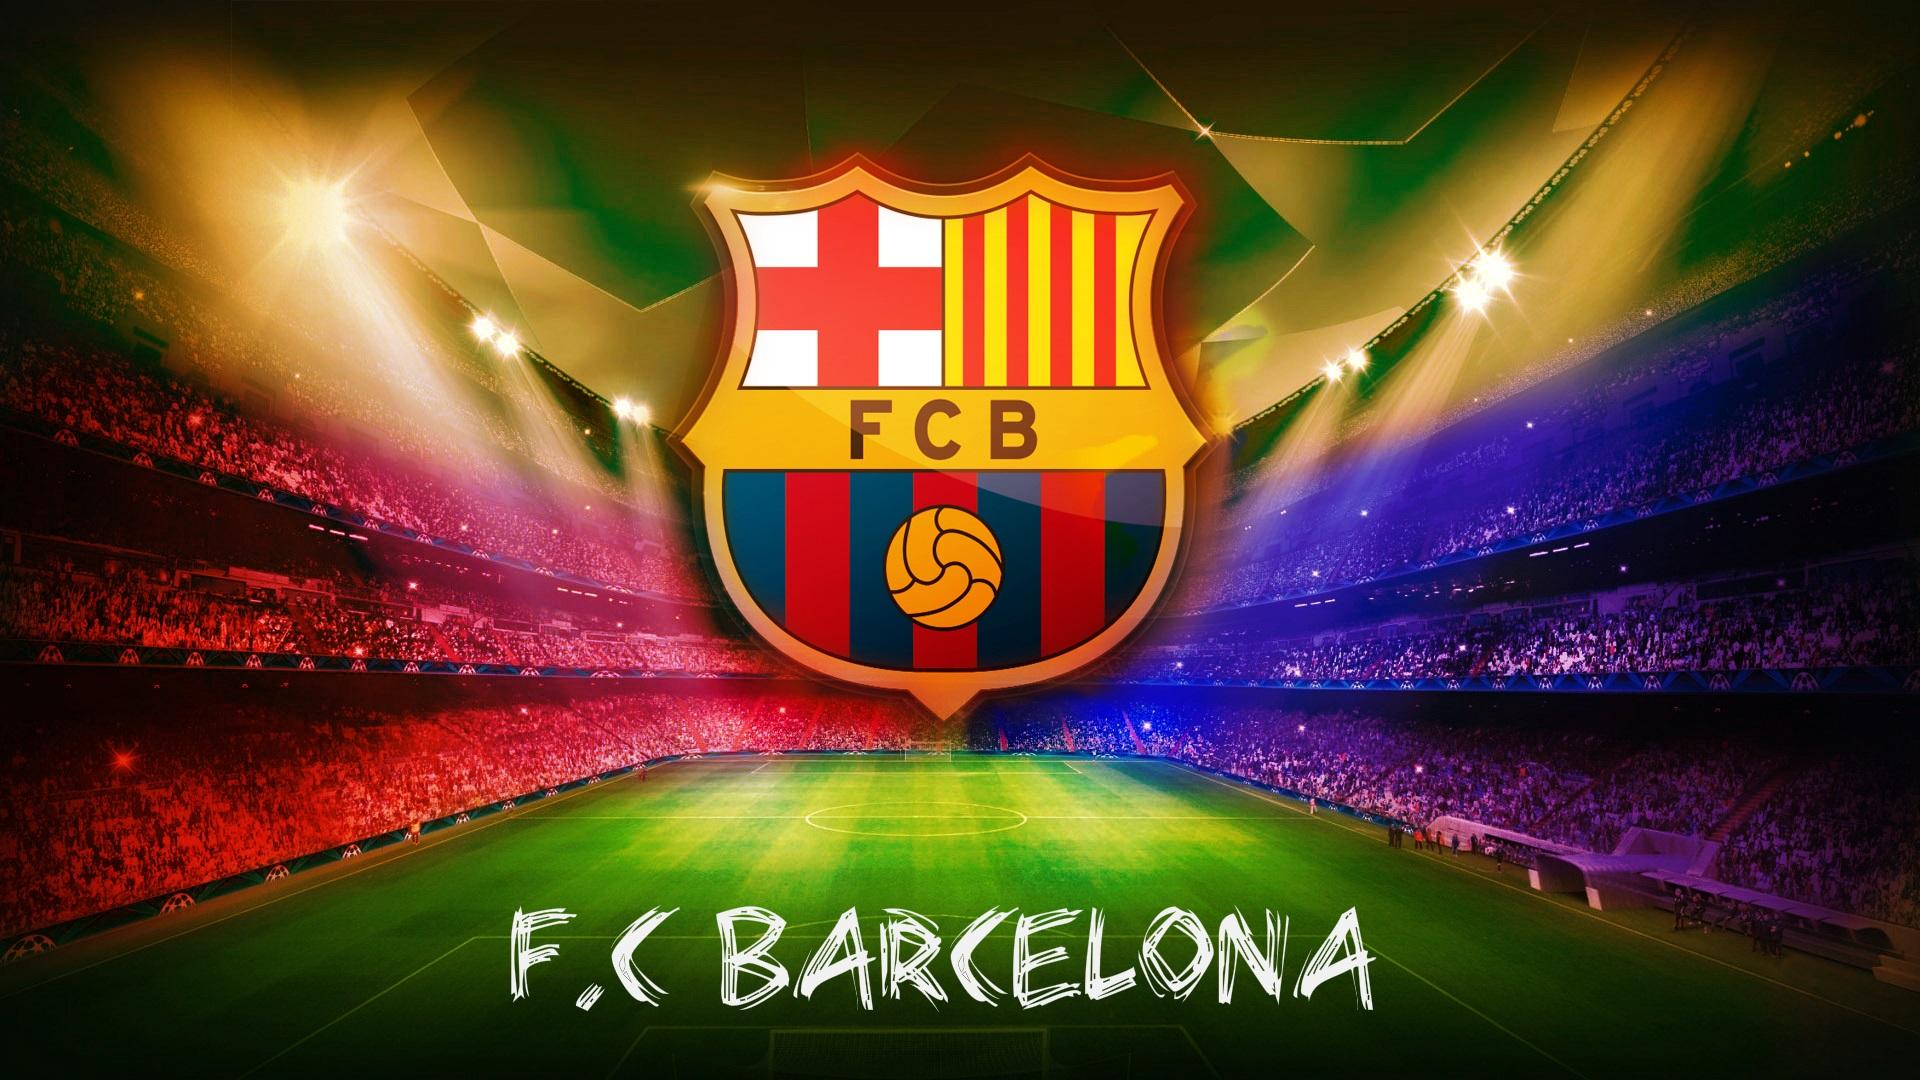 صور برشلونة 13 صور برشلونة الاسبانى معلومات عن افضل فريق فى العالم